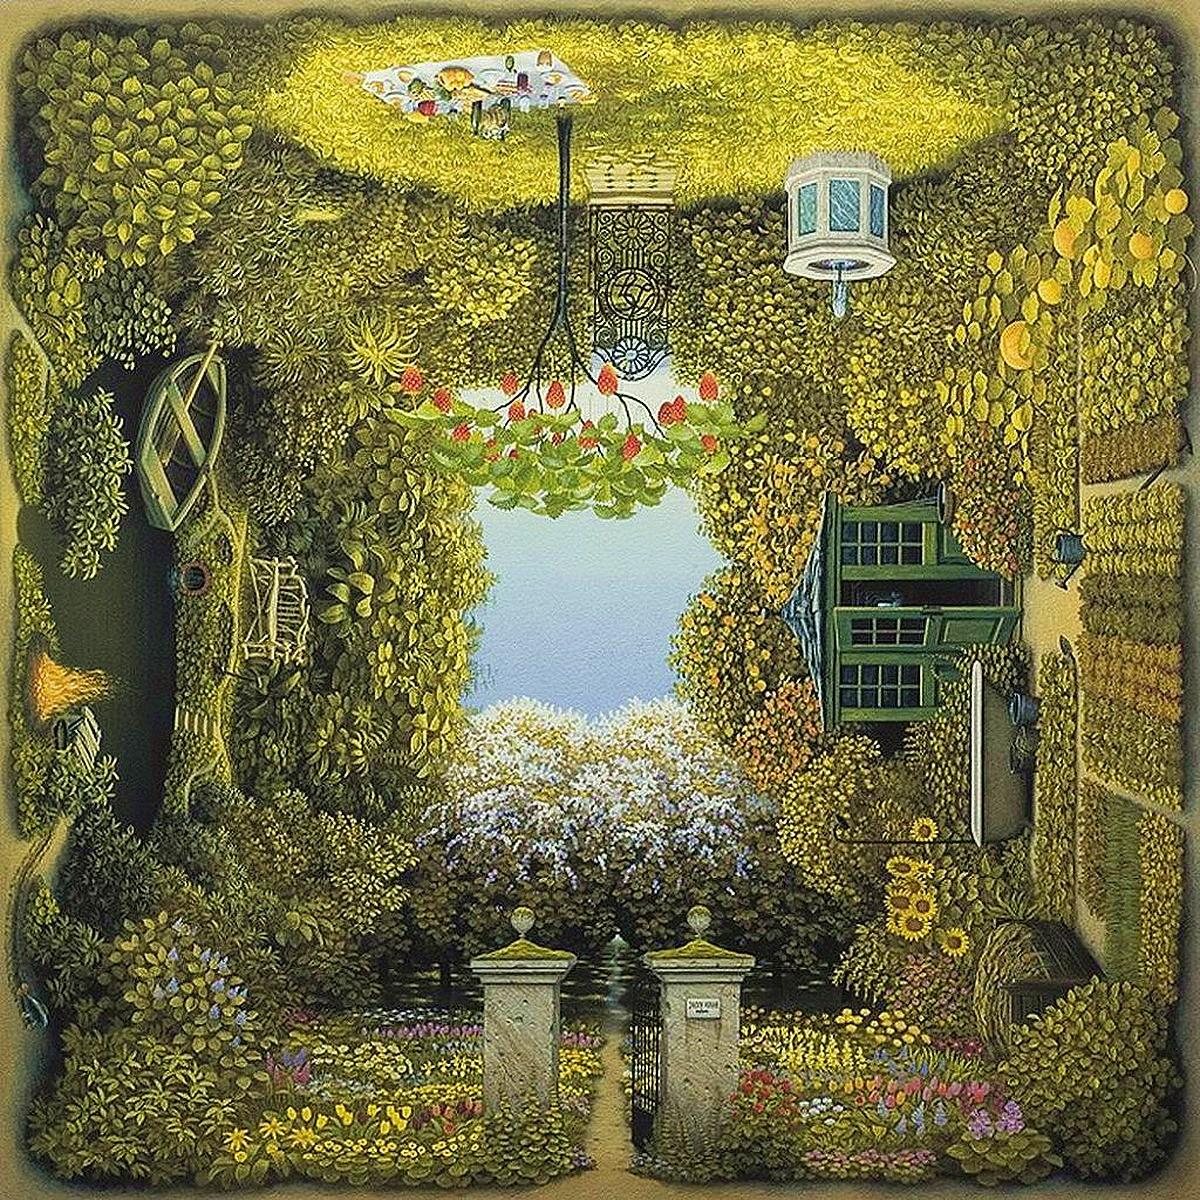 Gardener's Garden - Jacek Yerka